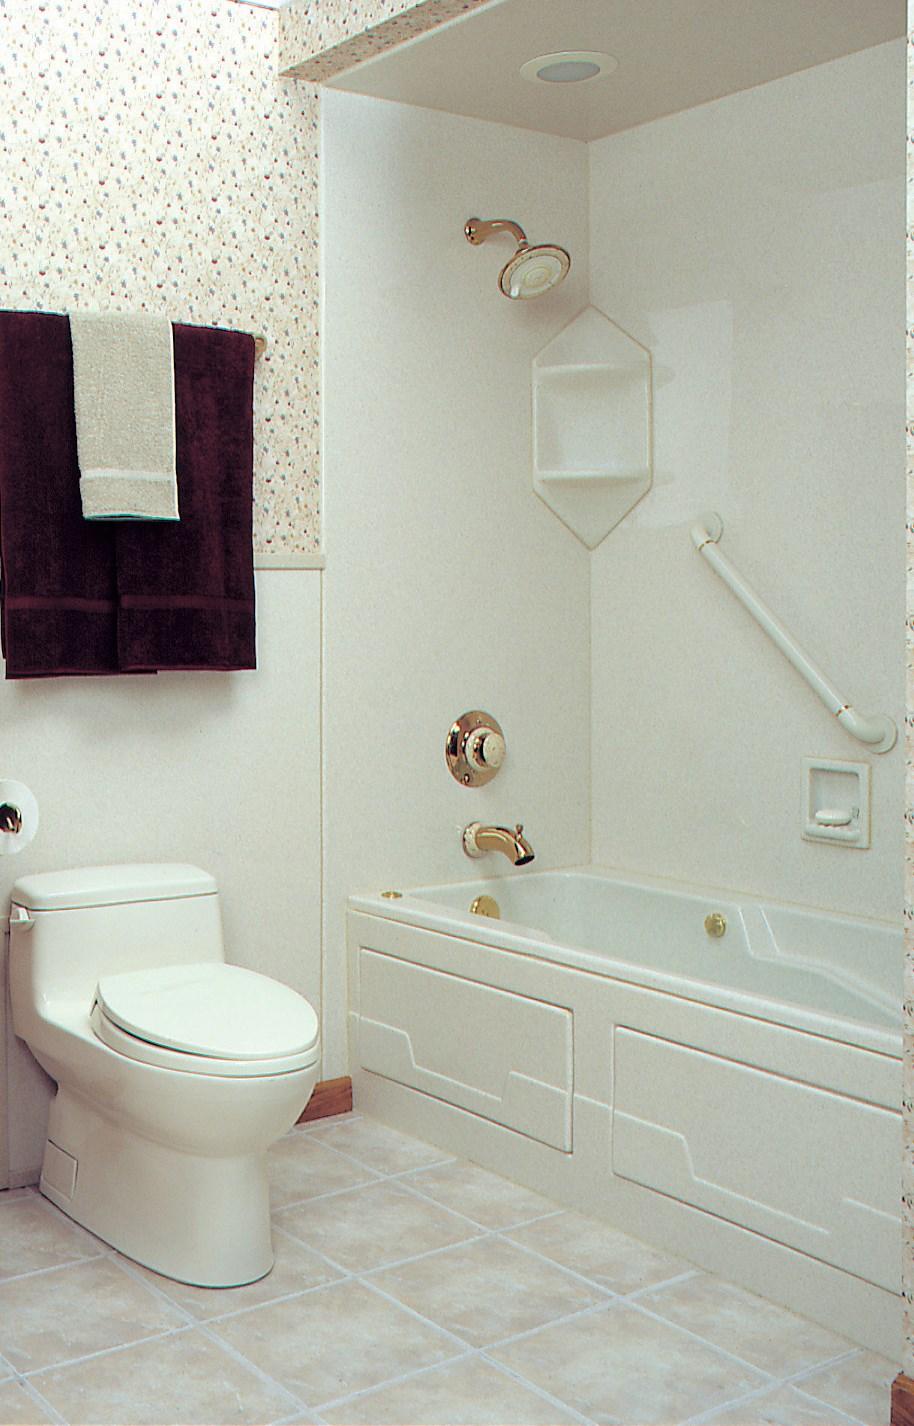 Genial Shower To Tub Conversion Photo 3